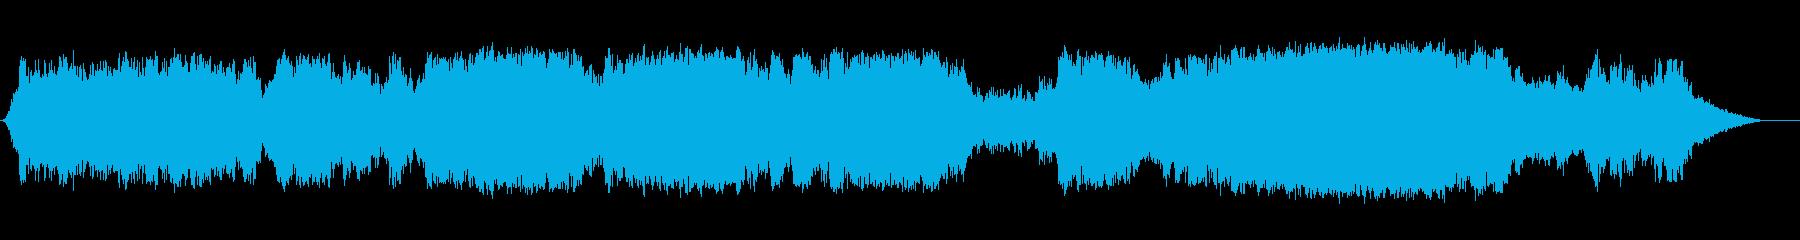 幻想的なオーケストラBGMの再生済みの波形